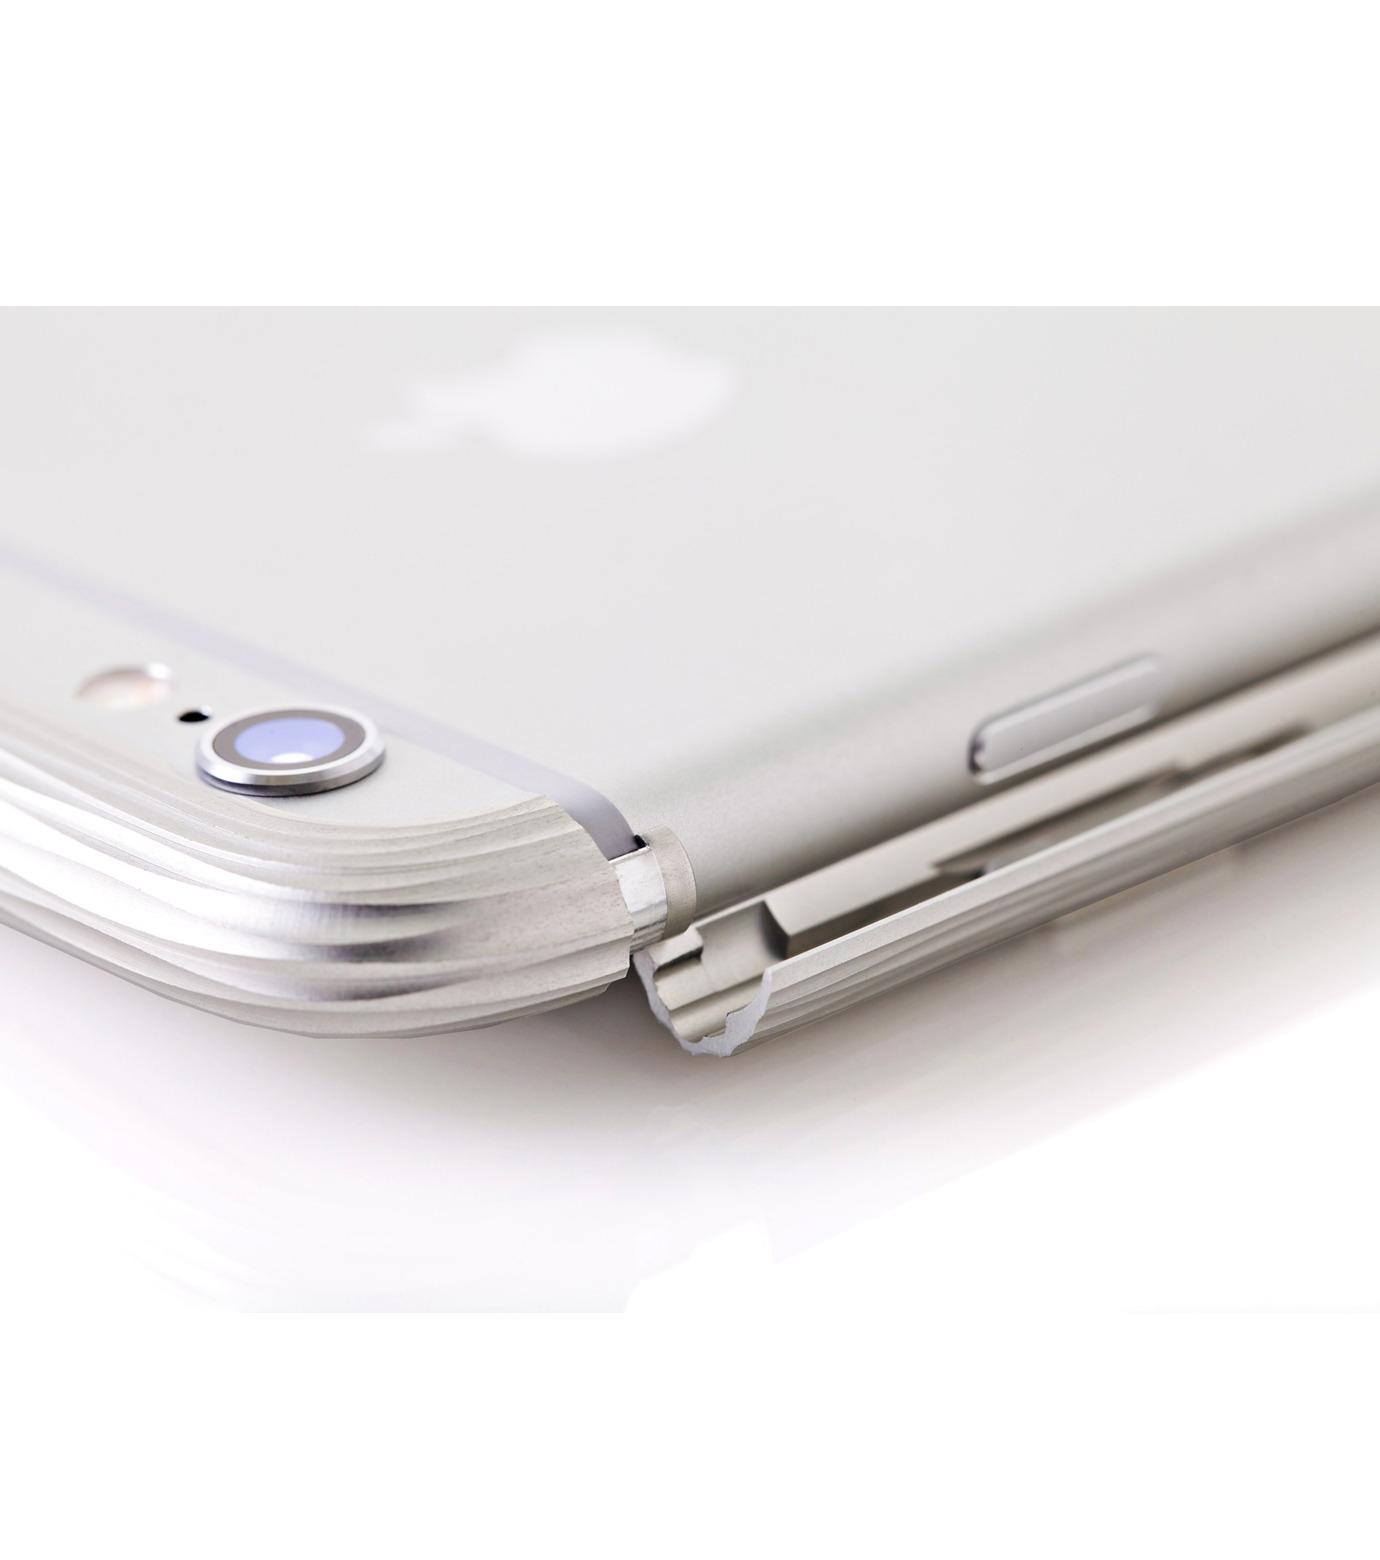 SQUAIR(スクエア)のThe Dimple for iPhone6s plus-GOLD(ケースiphone6plus/6splus/case iphone6plus/6splus)-SQDMP630-GLD-2 拡大詳細画像5